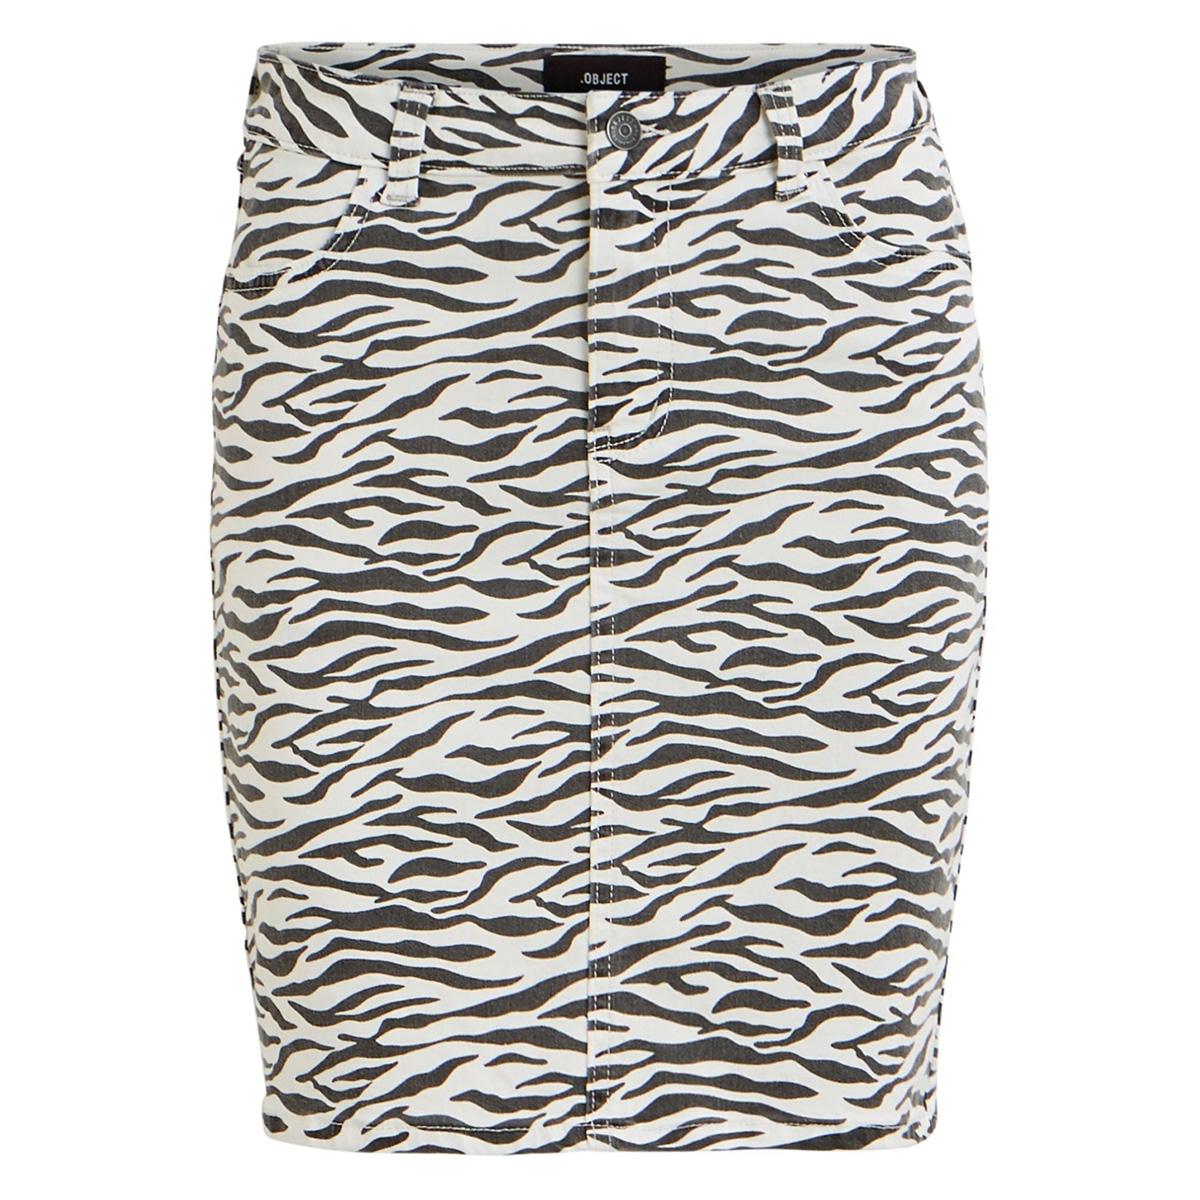 objwin new denim skirt aop seasonal 23030109 object rok white/zebra